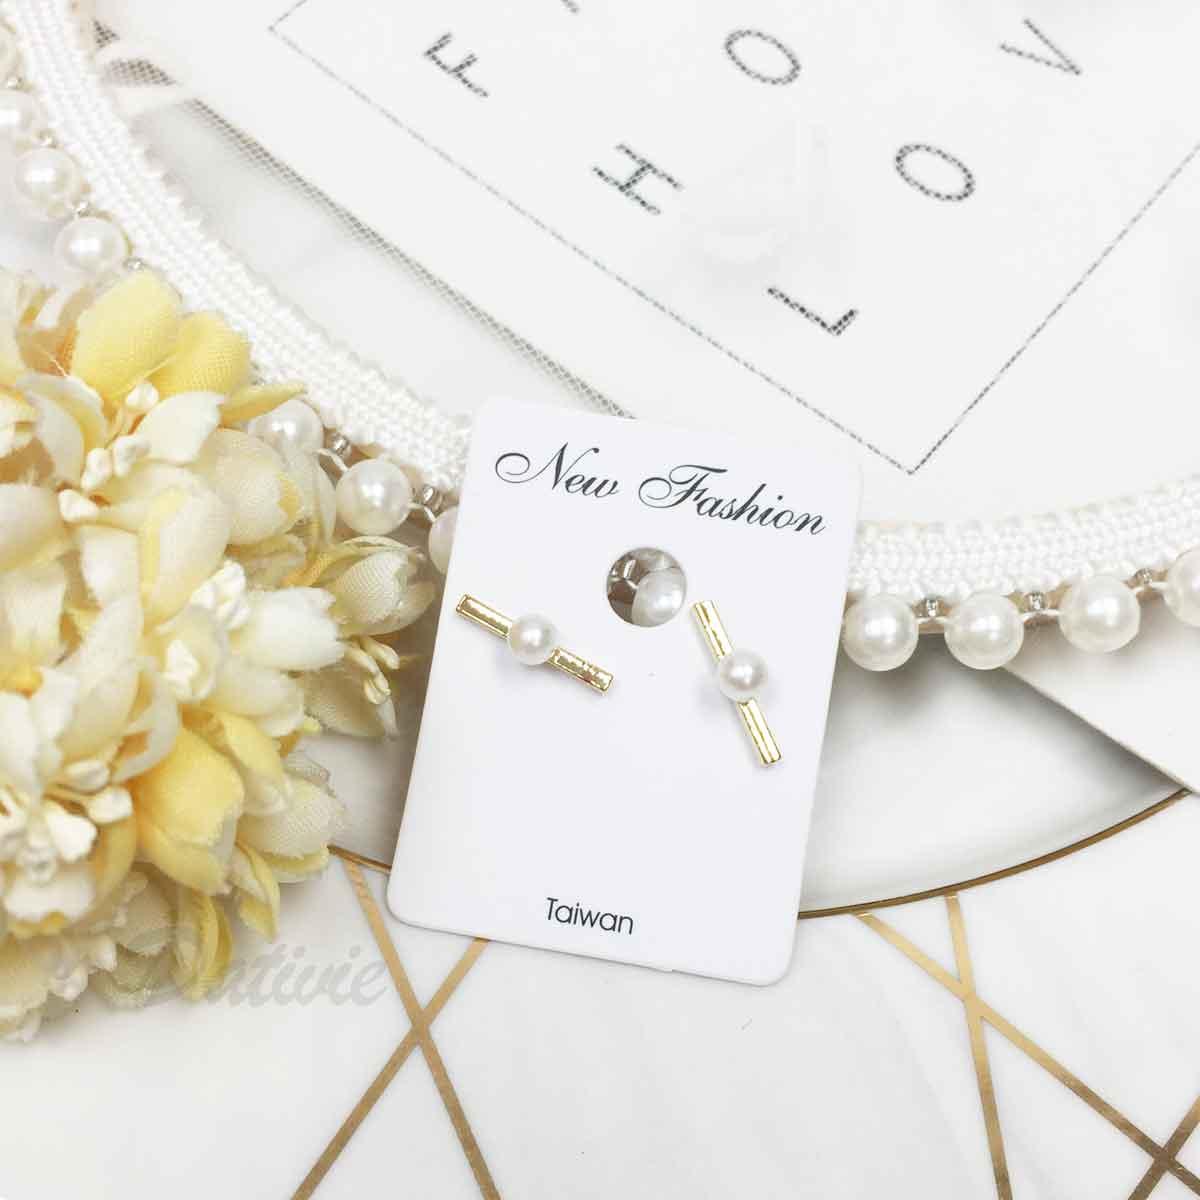 珍珠 金屬條 簡約 氣質甜美款 耳針式耳環